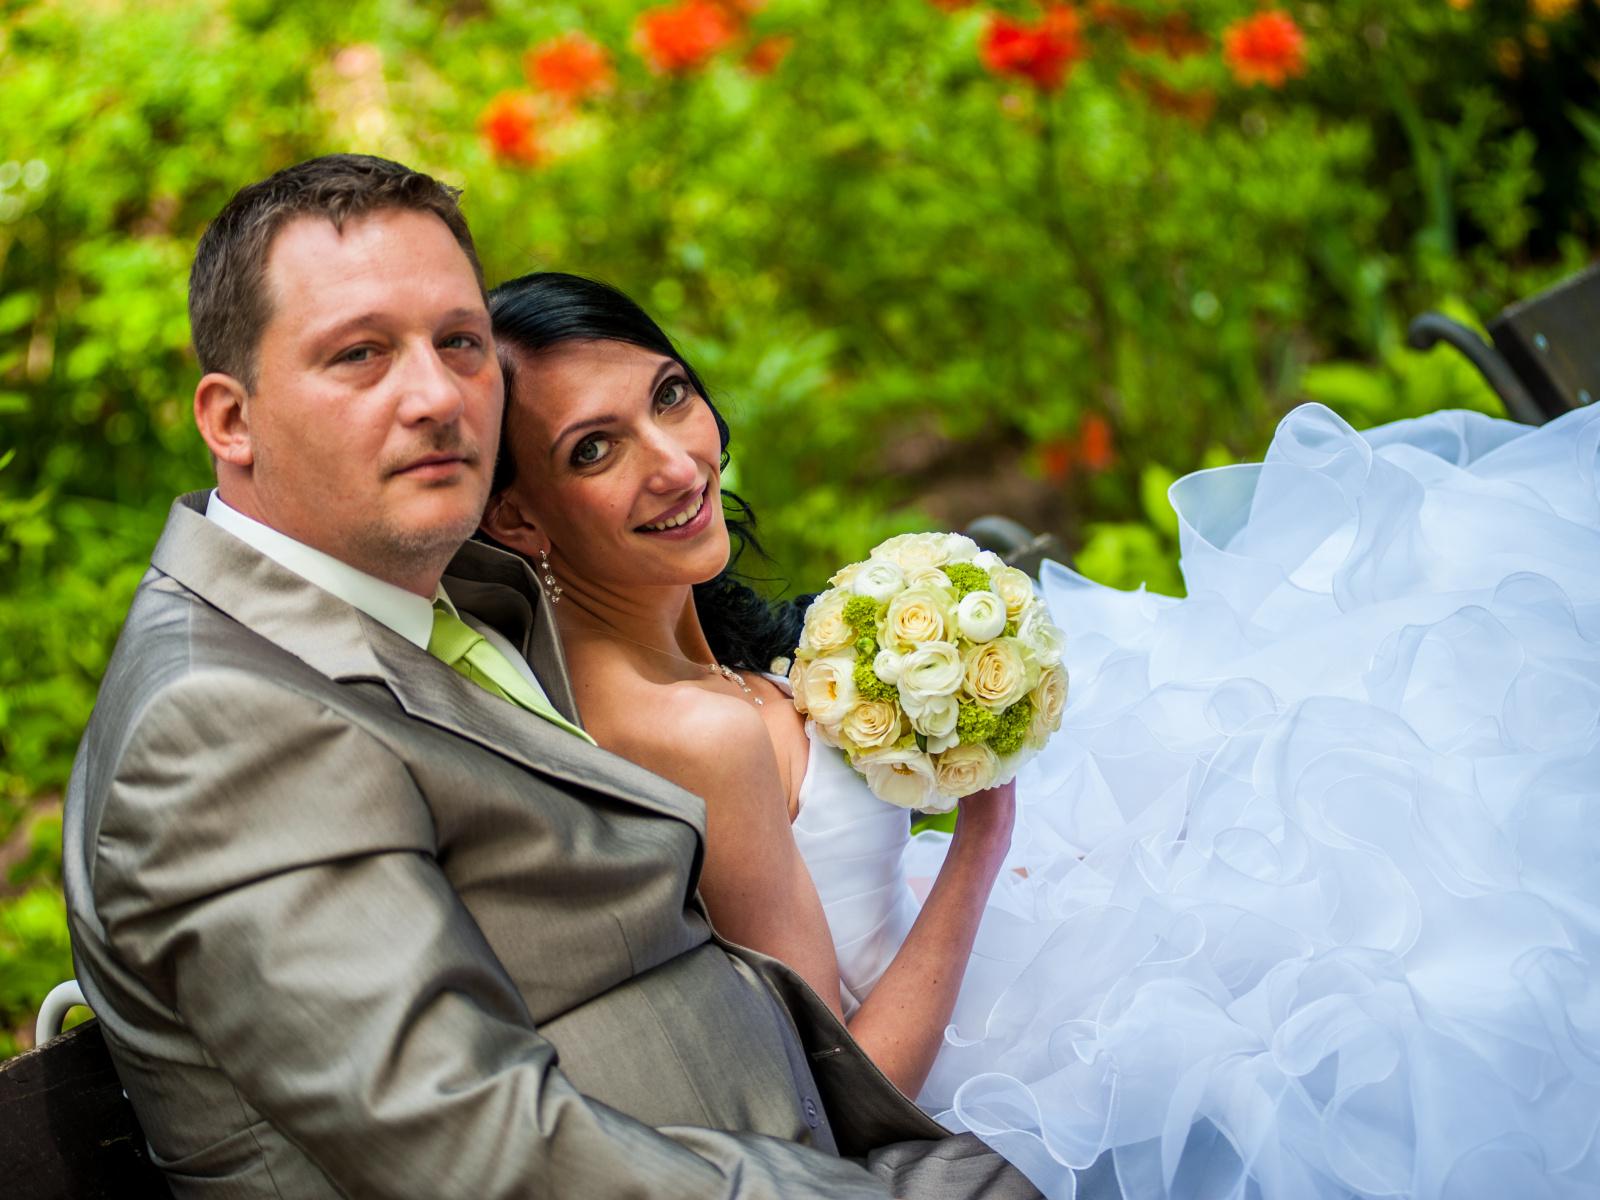 Svatební fotograf na poslední chvíli - 3 tipy pro rychlý výběr!